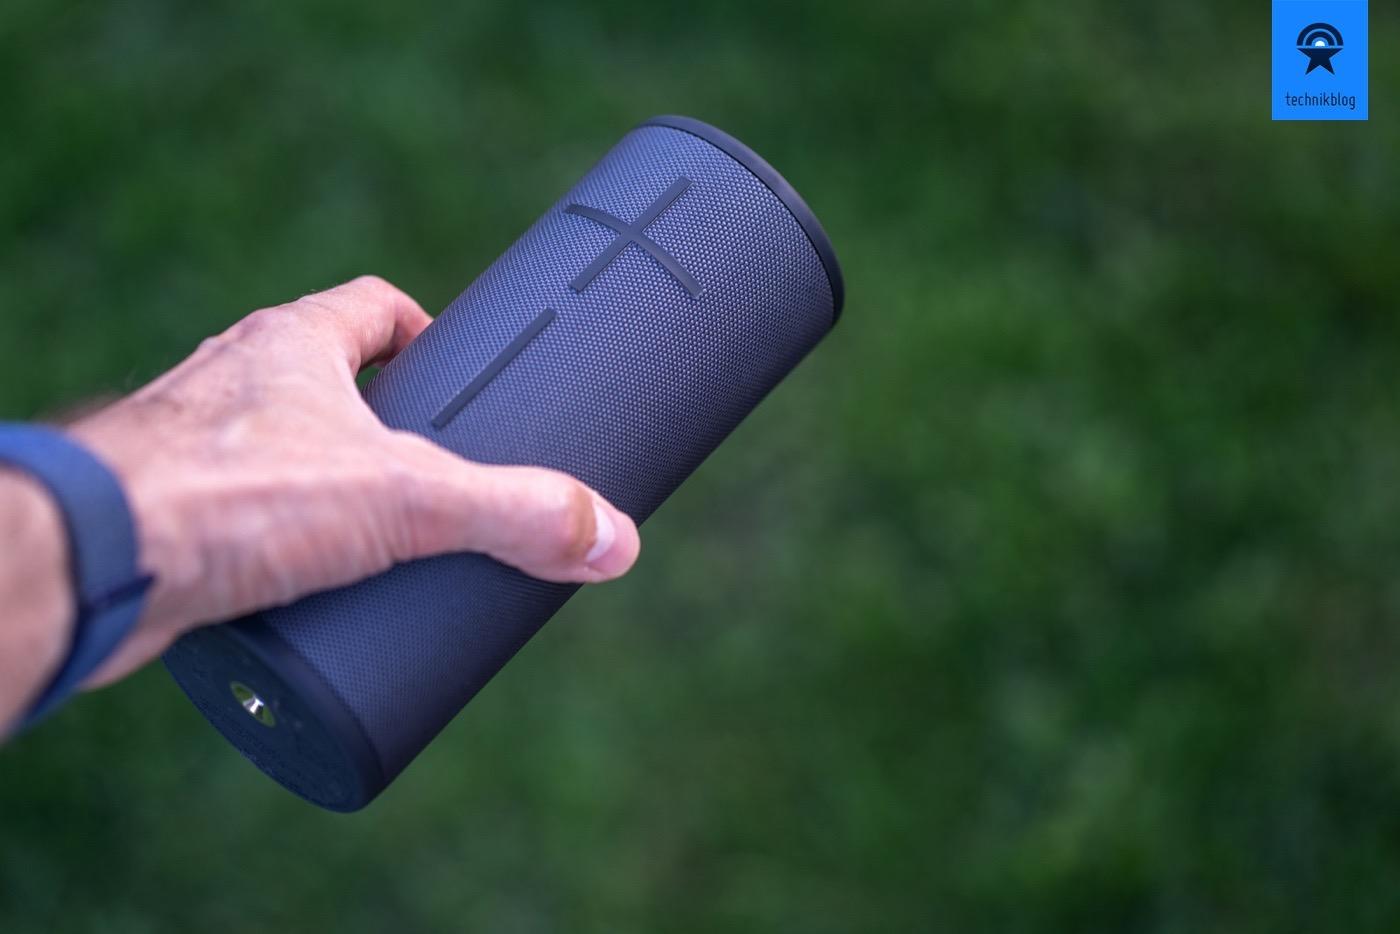 UE Boom 3: robuster Lautsprecher für Draussen